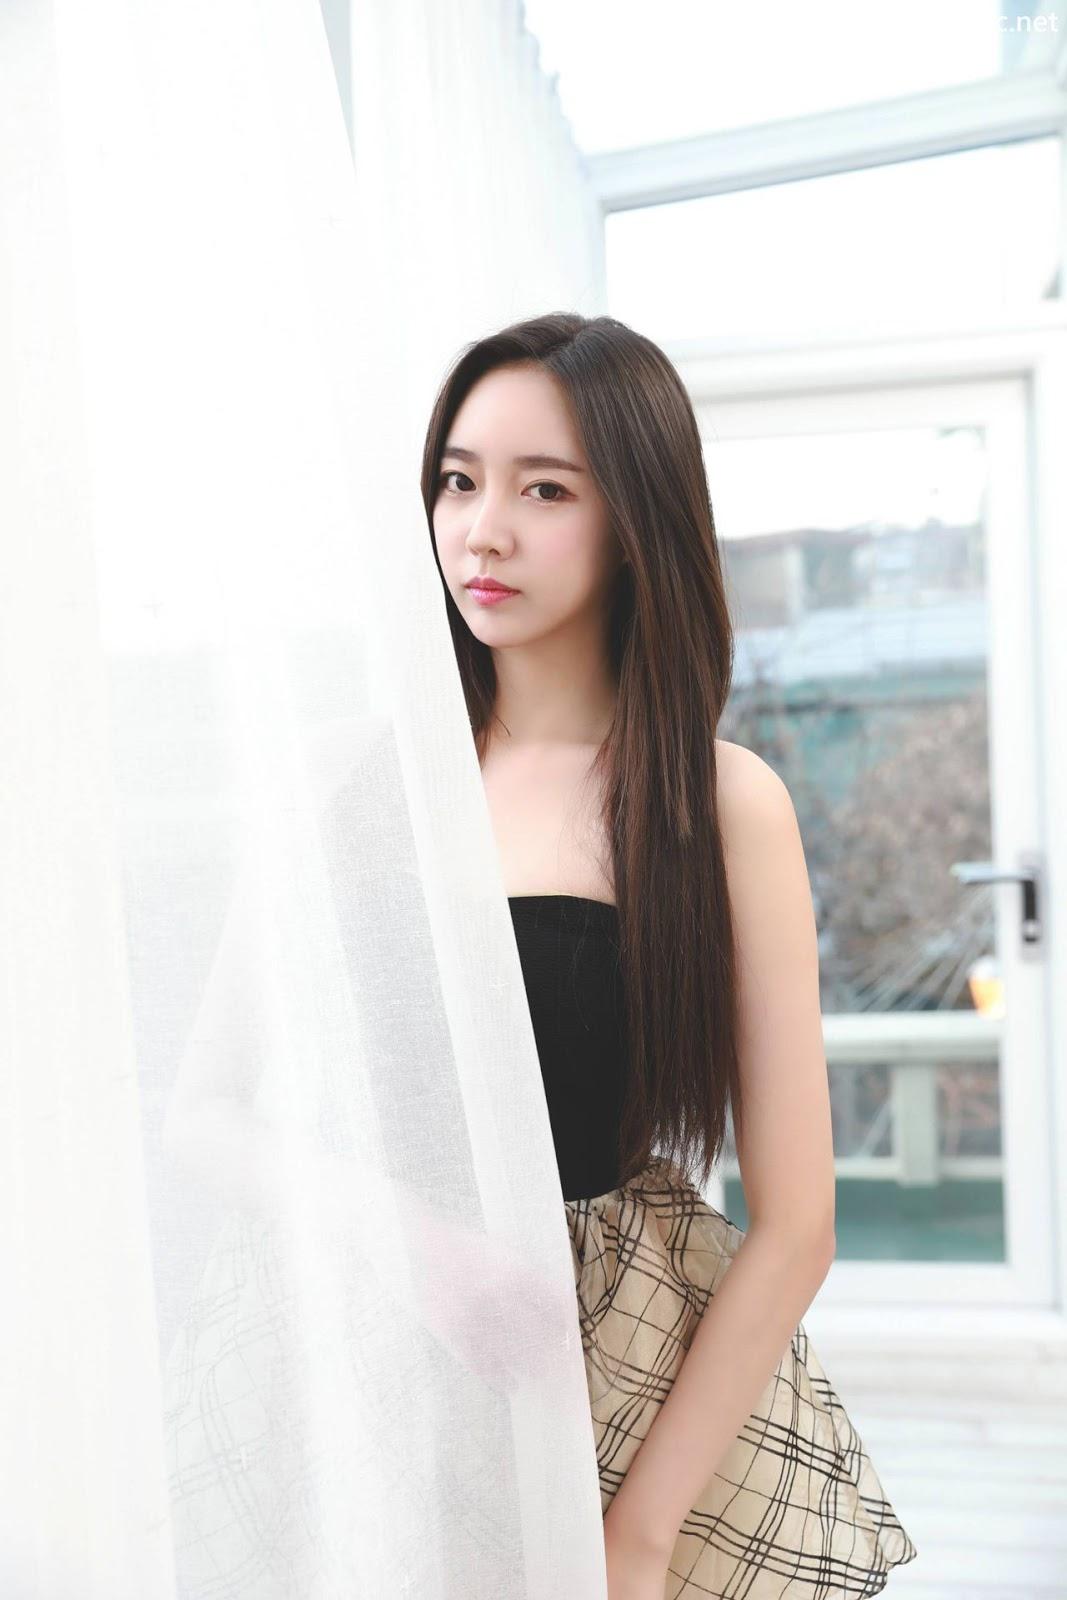 Image-Korean-Hot-Model-Go-Eun-Yang-Indoor-Photoshoot-Collection-TruePic.net- Picture-3